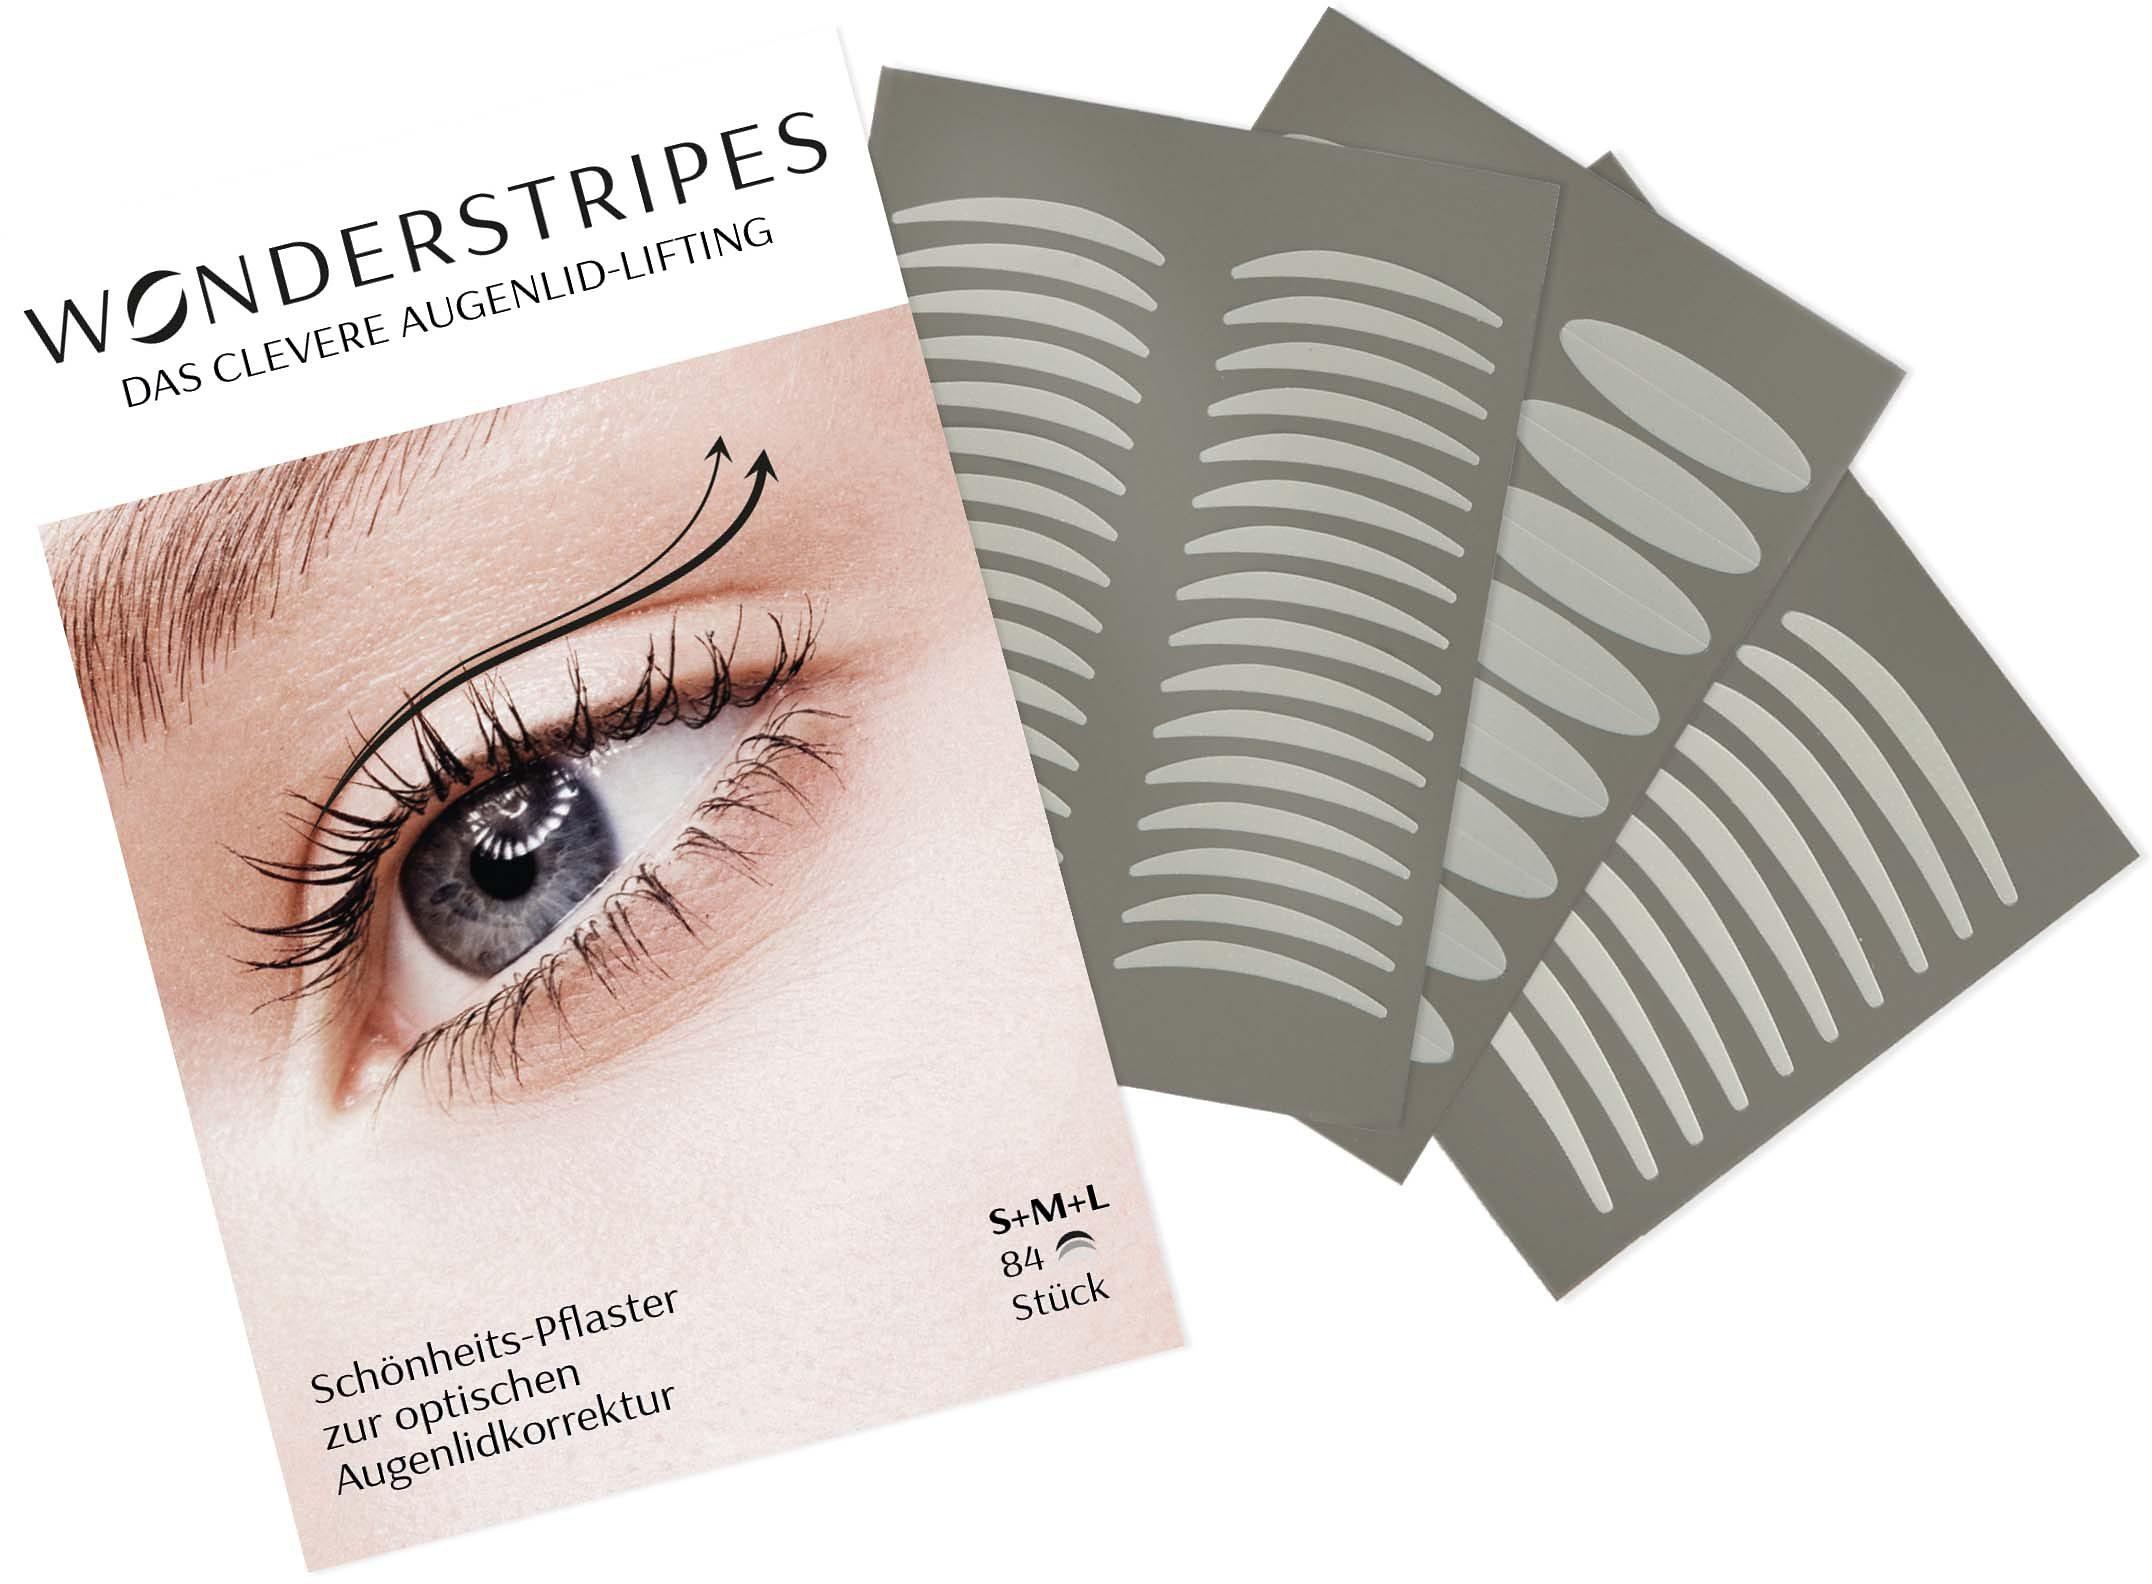 Wonderstripes Kombi-Packung Augenlid-Korrektur Pflaster in 3 verschiedenen Größen Preisvergleich